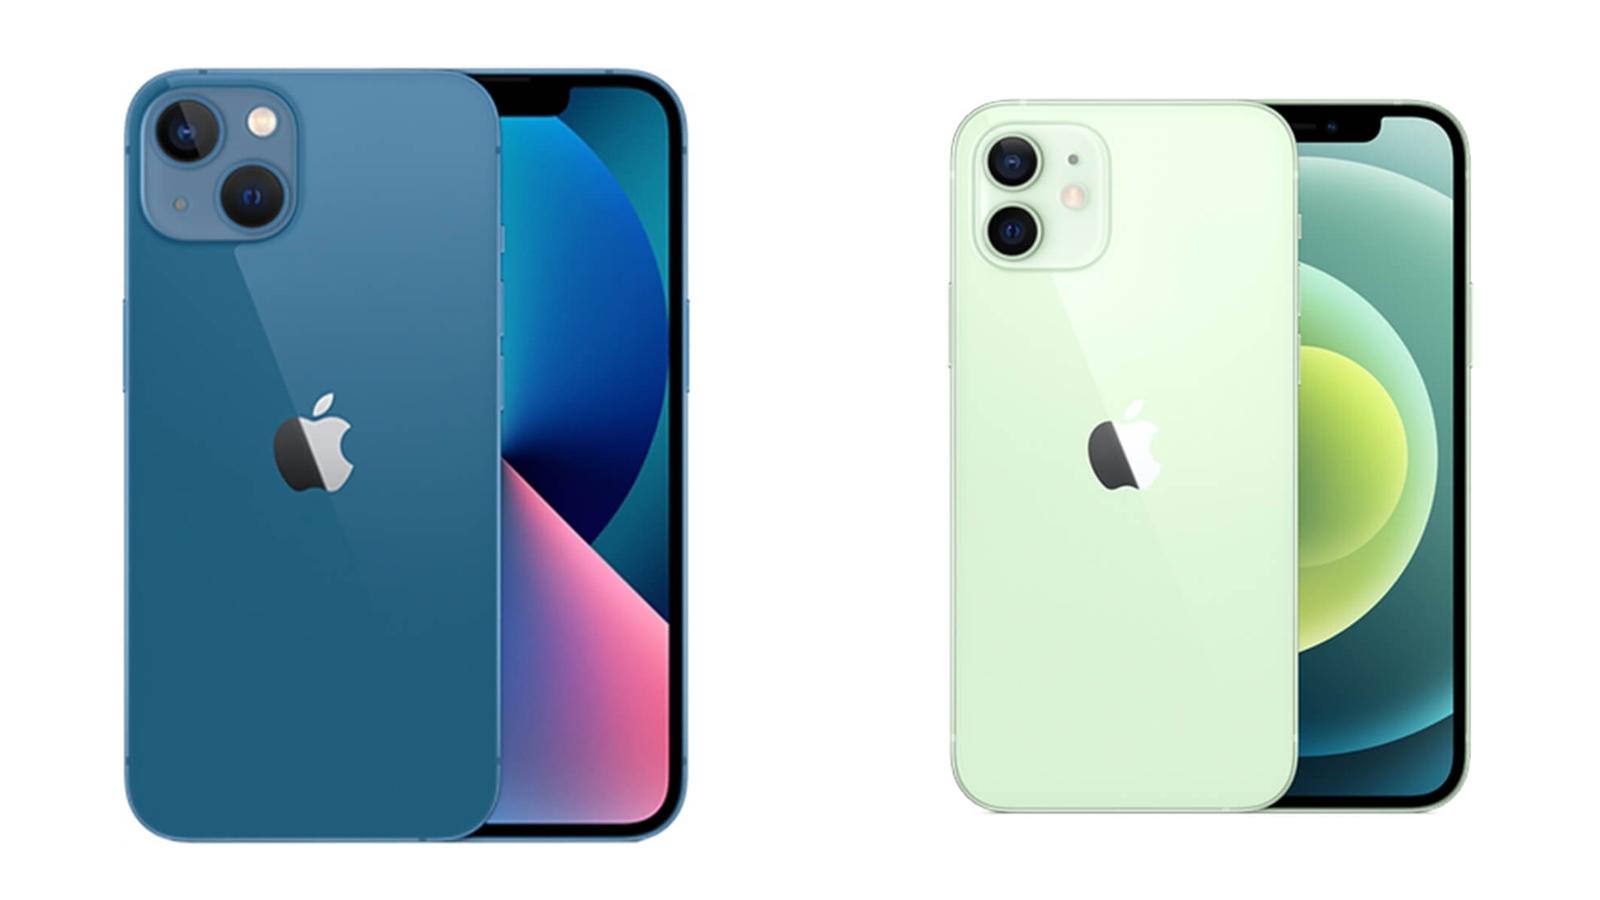 【機型比較】iPhone 13跟12 mini該怎麼選擇?不同差異為何?哪裡買最便宜?